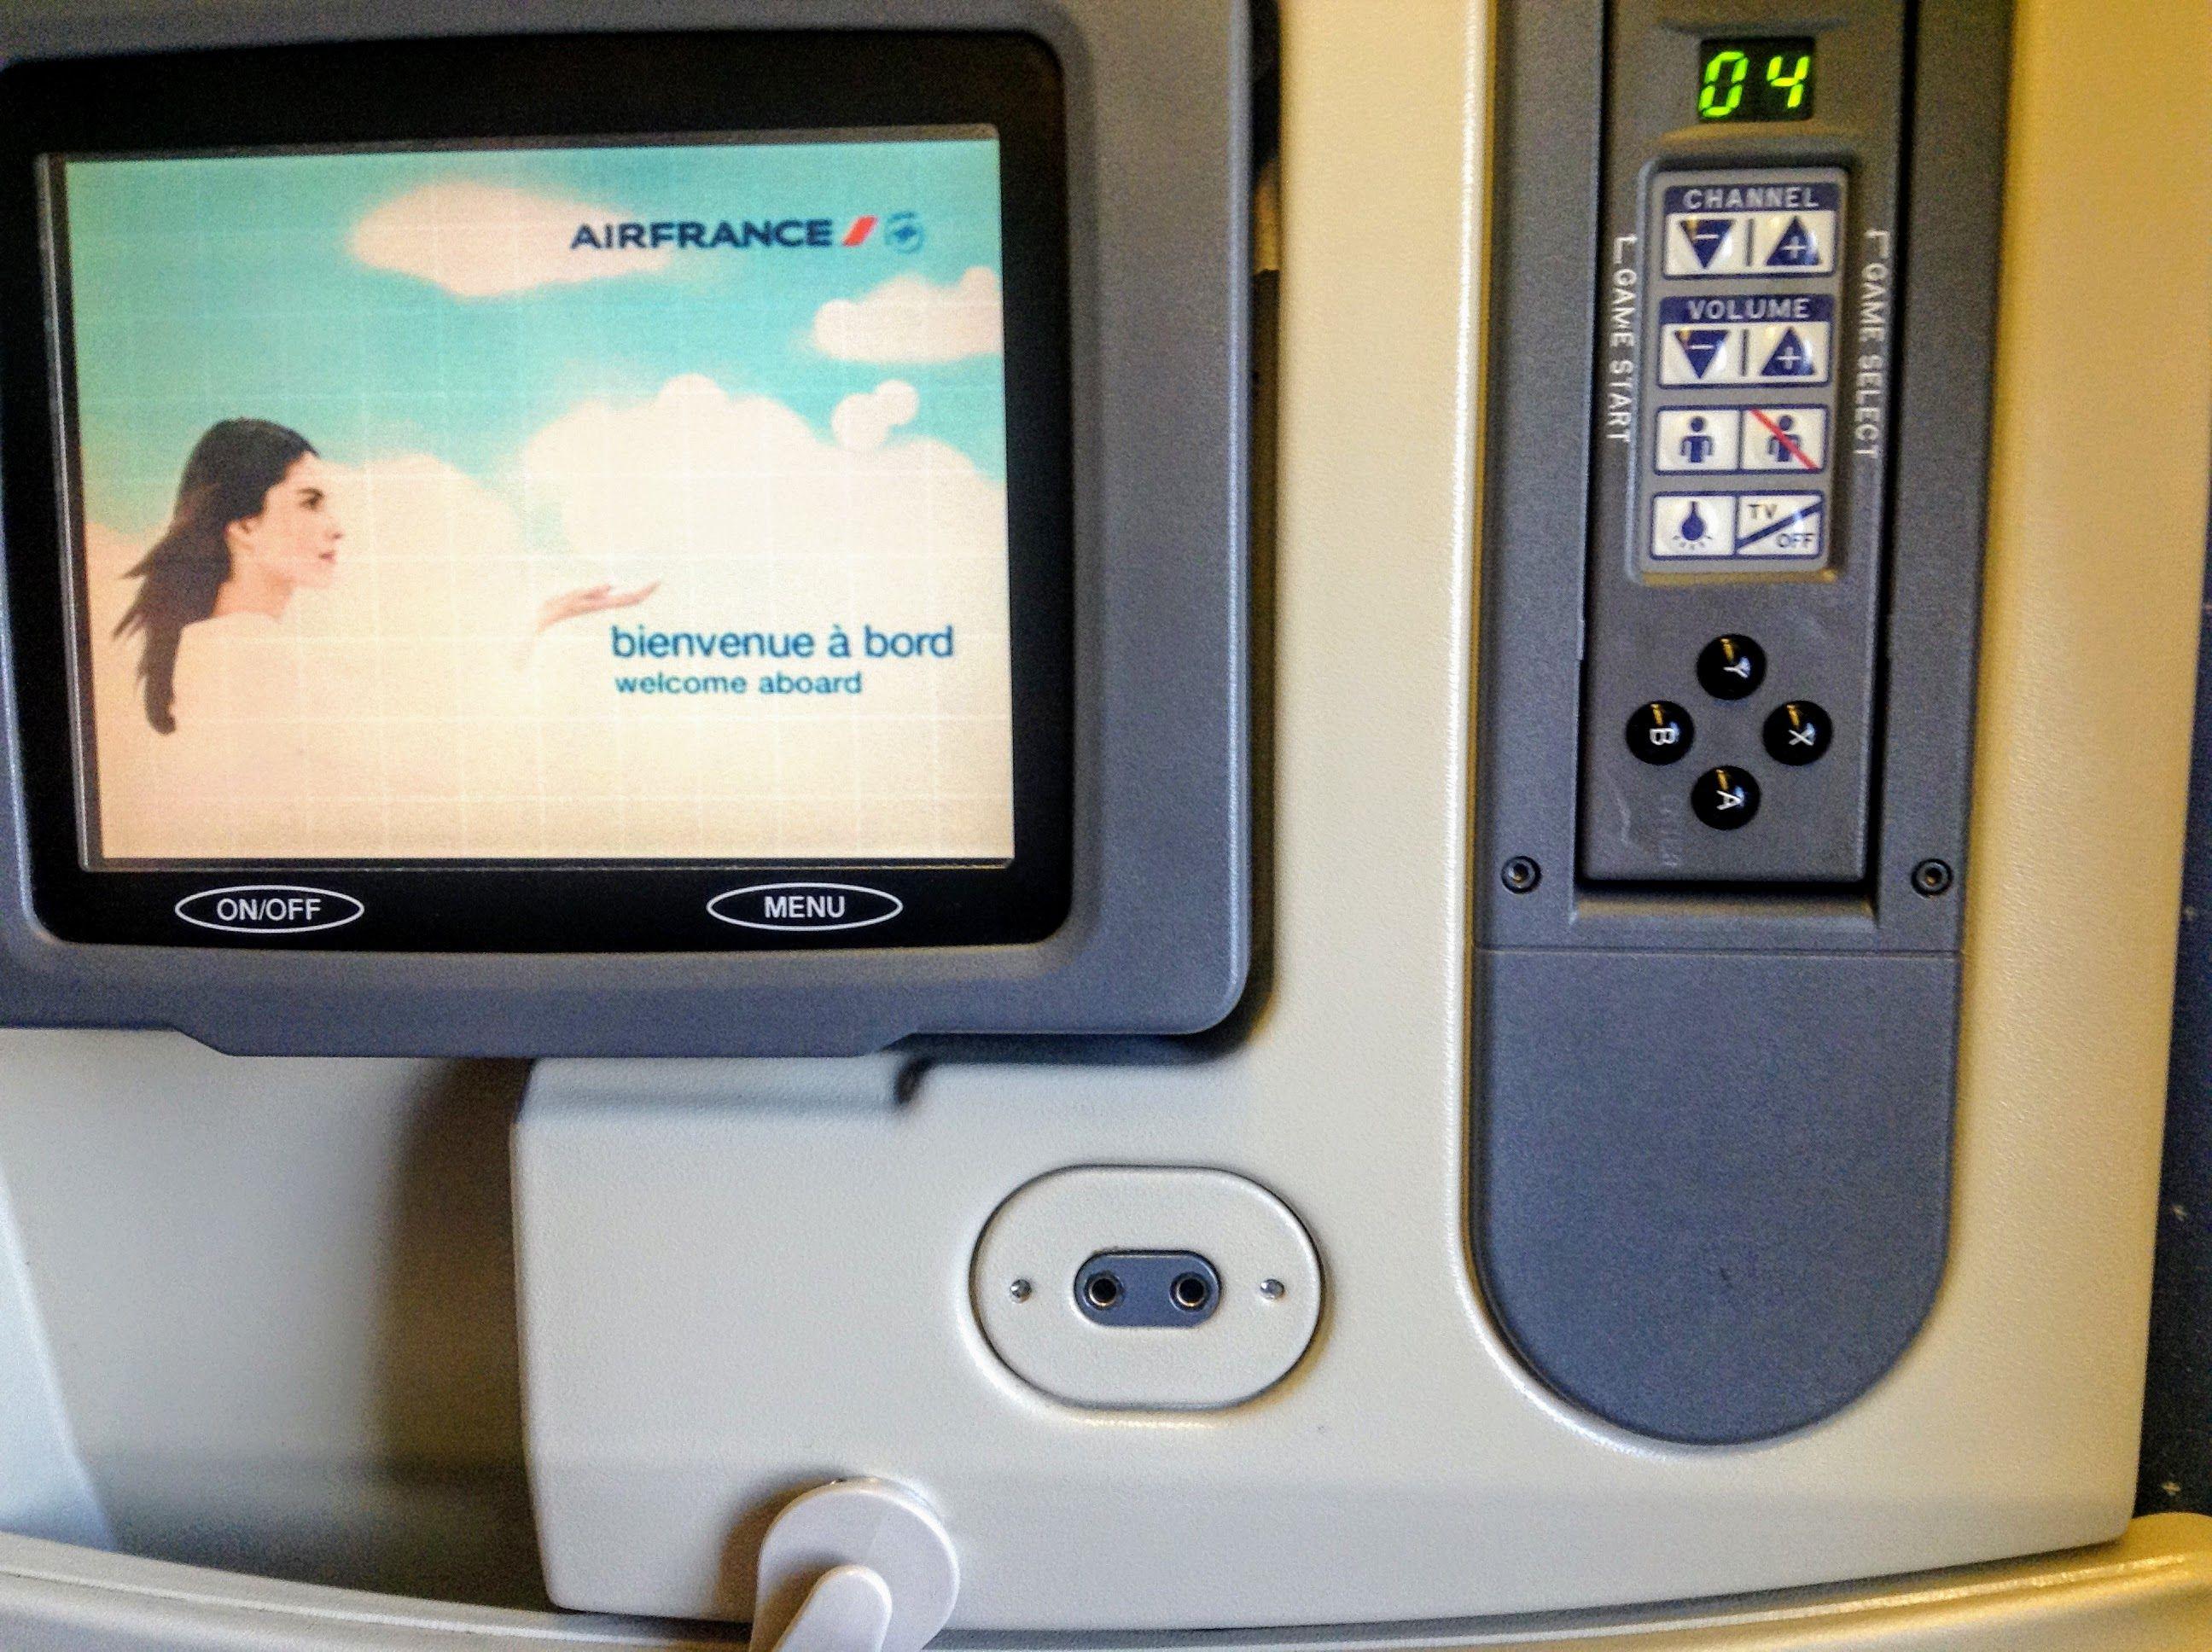 Départ pour la Martinique avec Air France en 2020